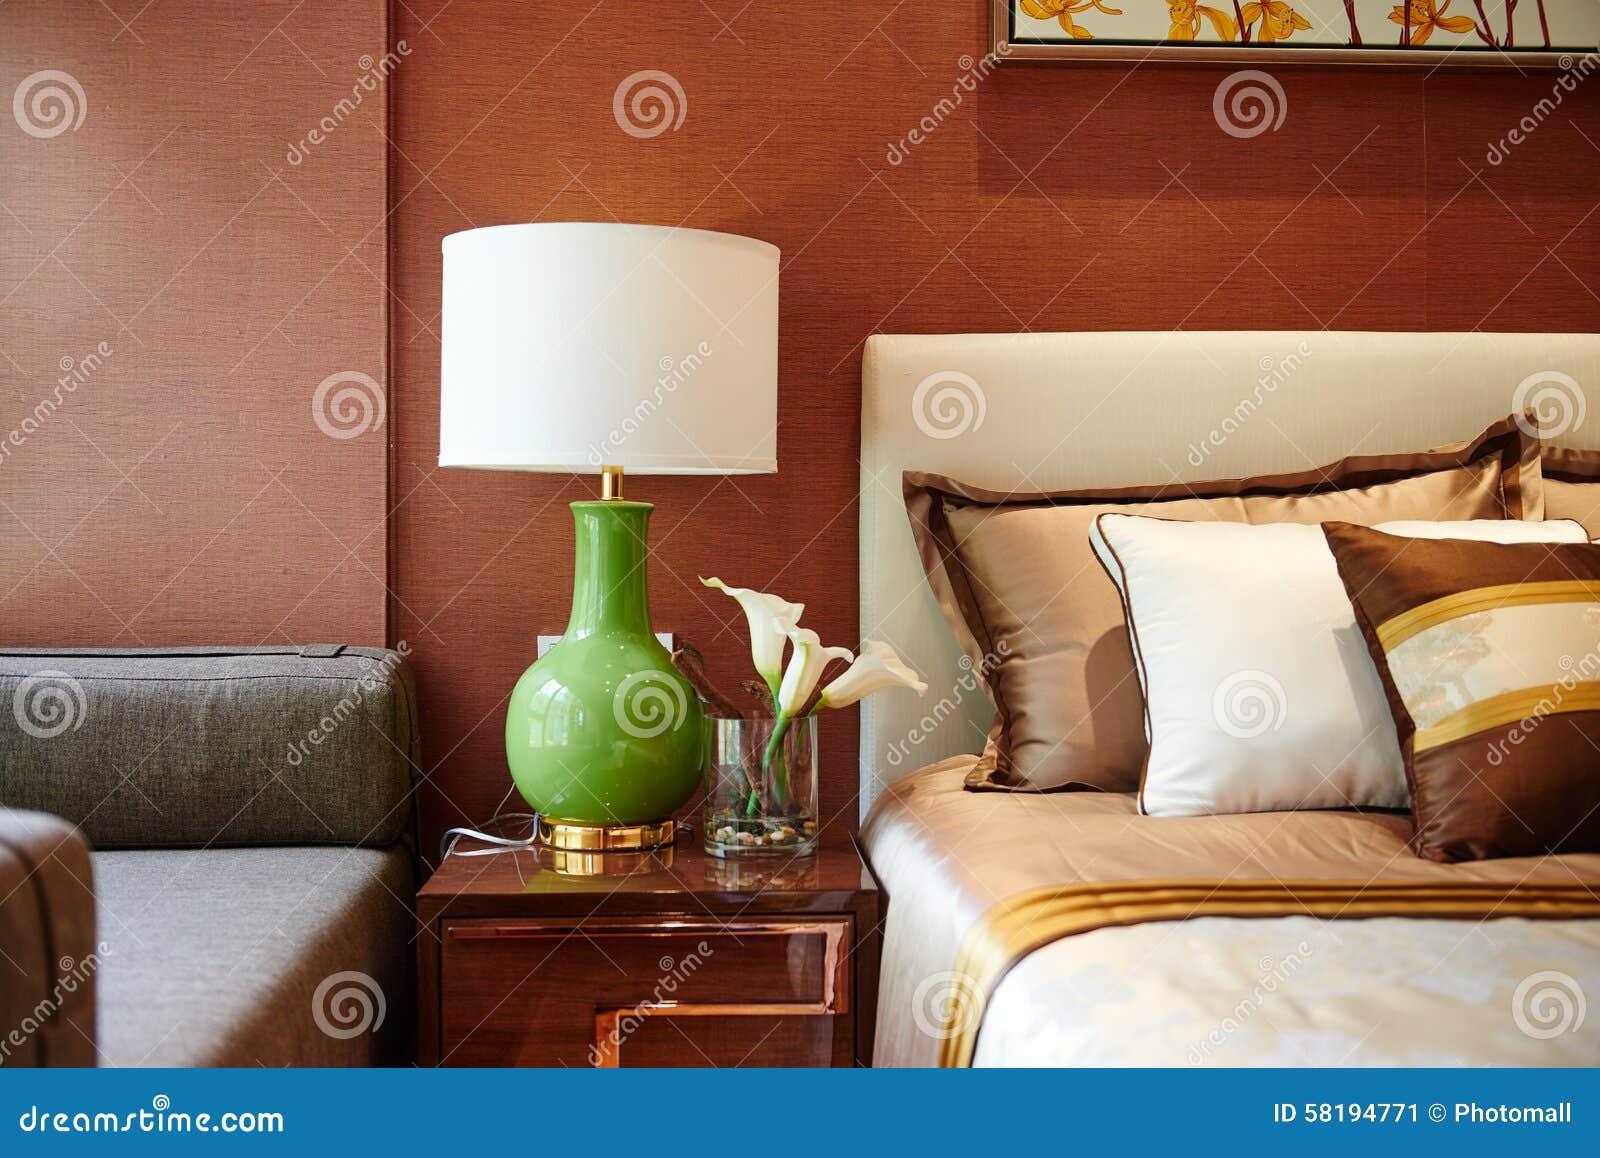 https://thumbs.dreamstime.com/z/lampada-di-comodino-della-camera-da-letto-58194771.jpg